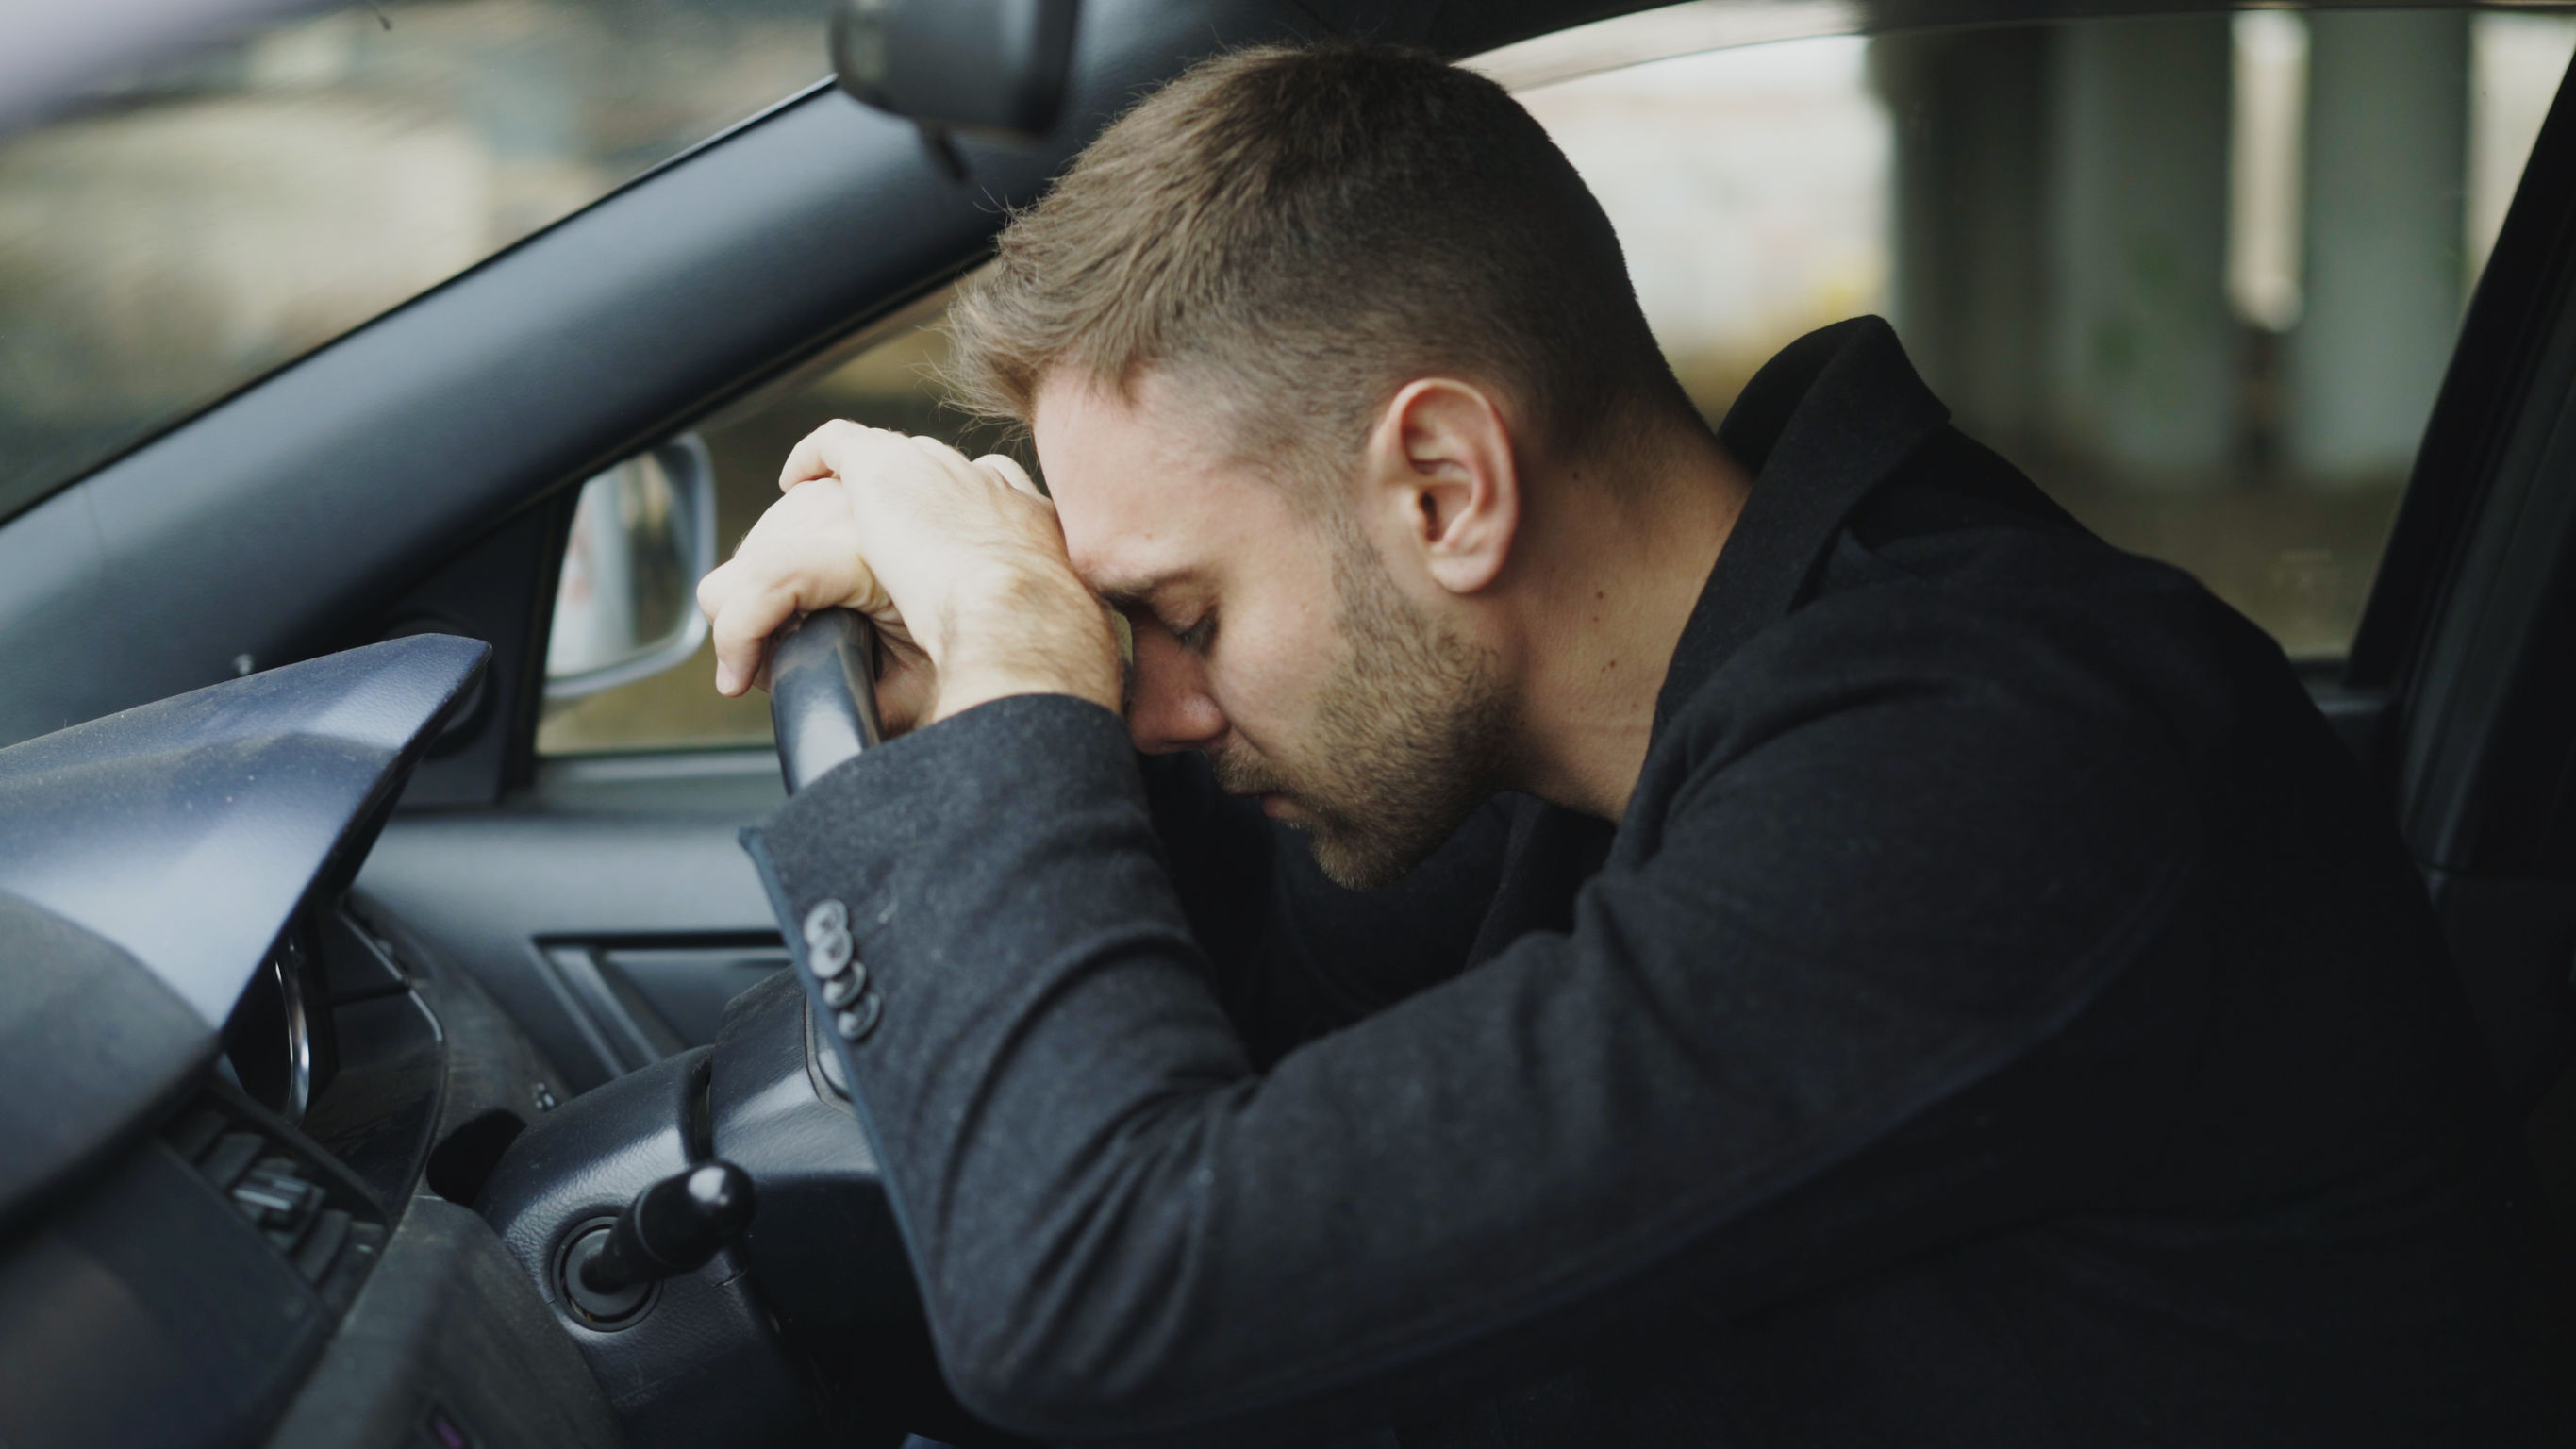 magas vérnyomású autó vezetése)